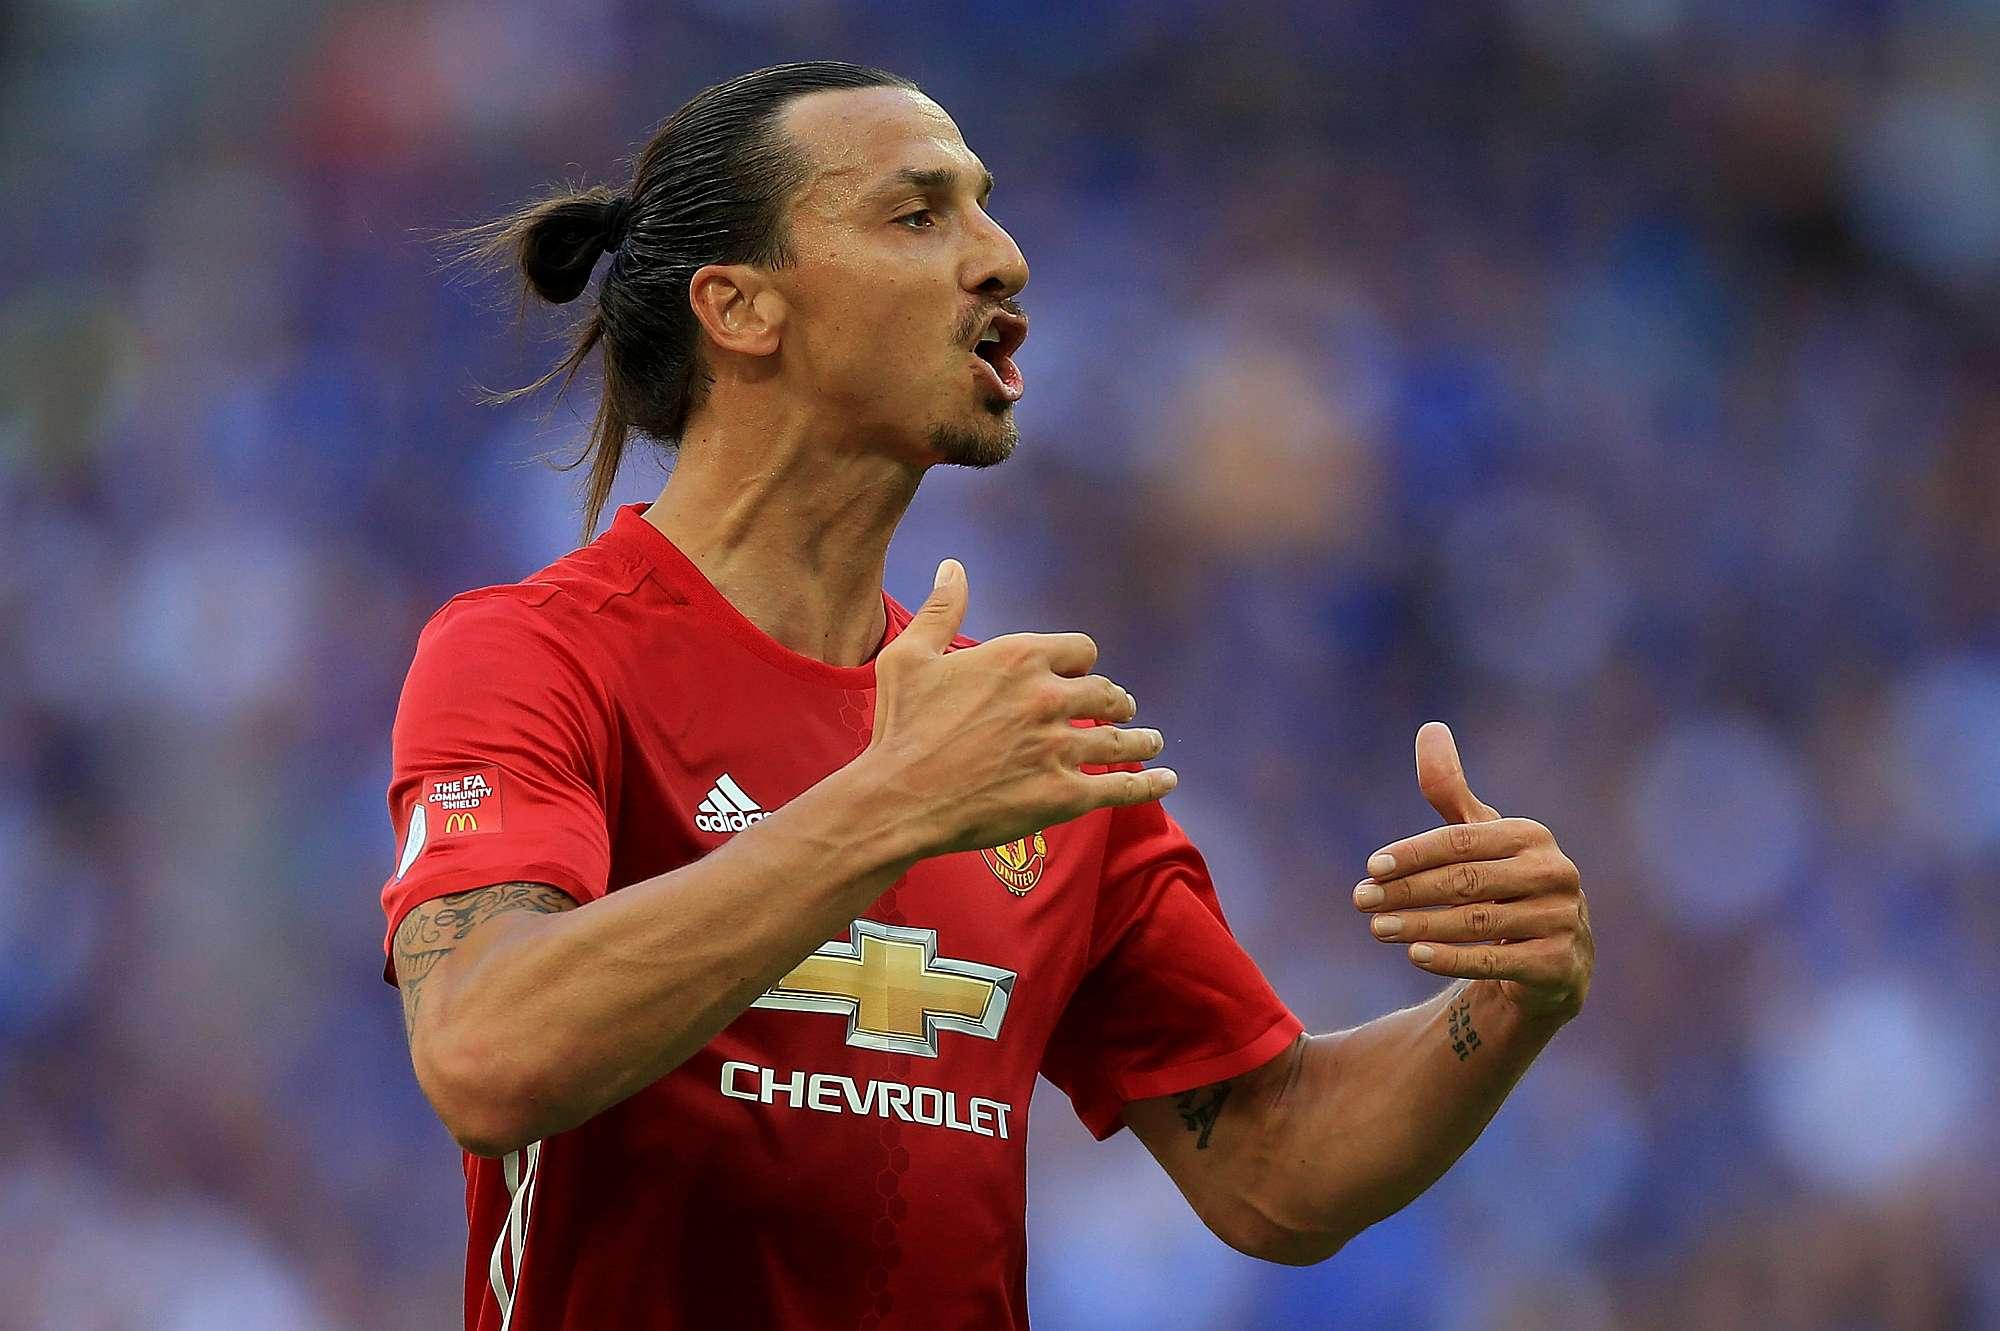 Manchester United-Leicester: Mou cerca il riscatto contro Ranieri. Il nostro pronostico